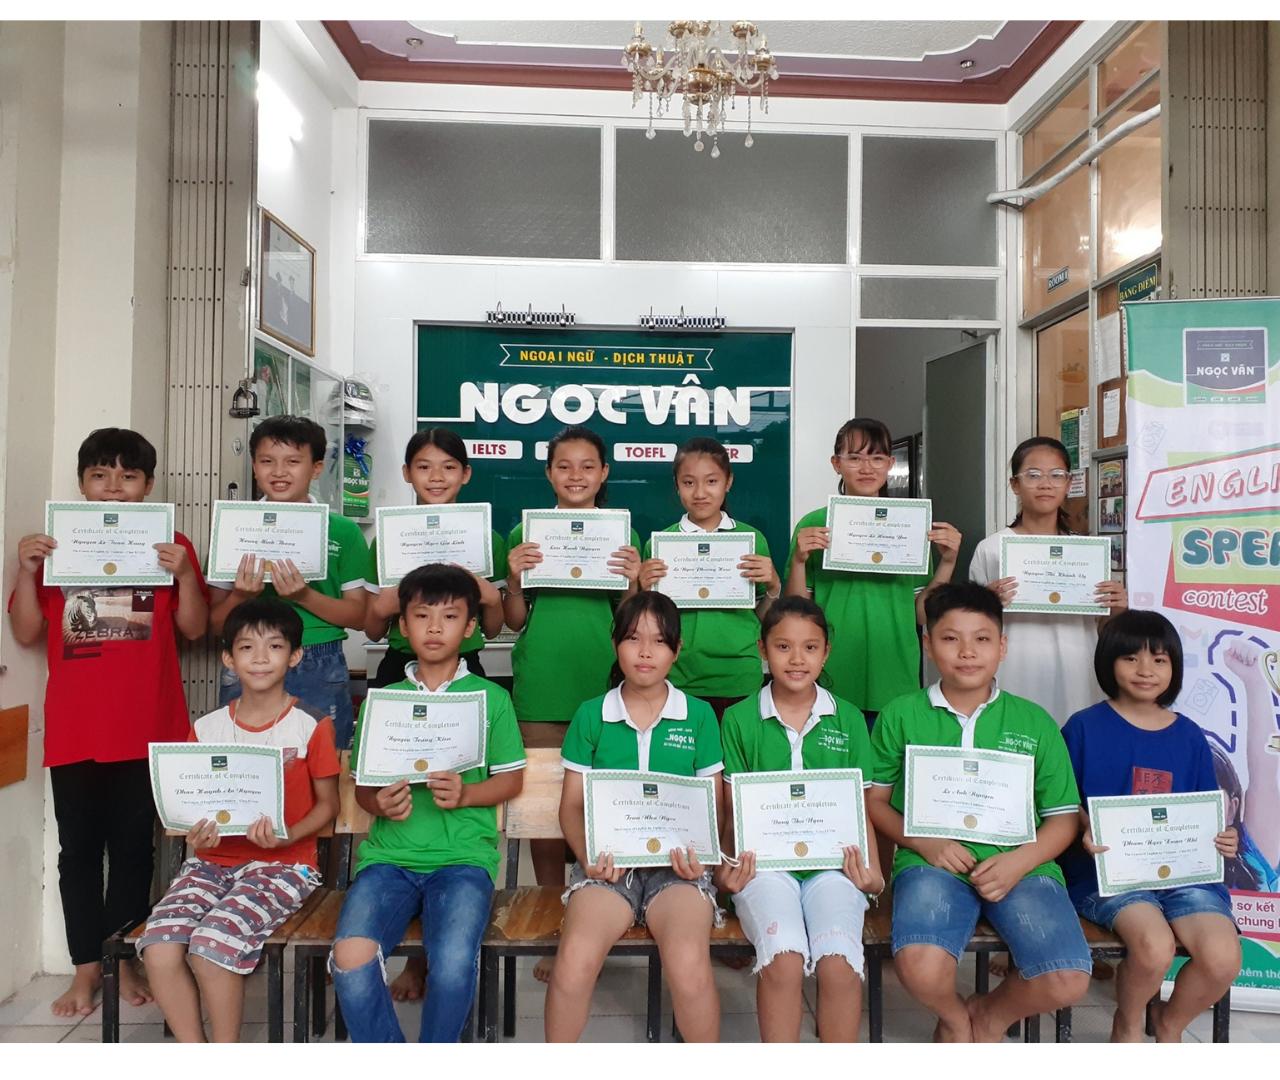 Trung tâm tiếng anh Ninh Thuận: Top 10 trung tâm Tiếng Anh tốt nhất năm 2021